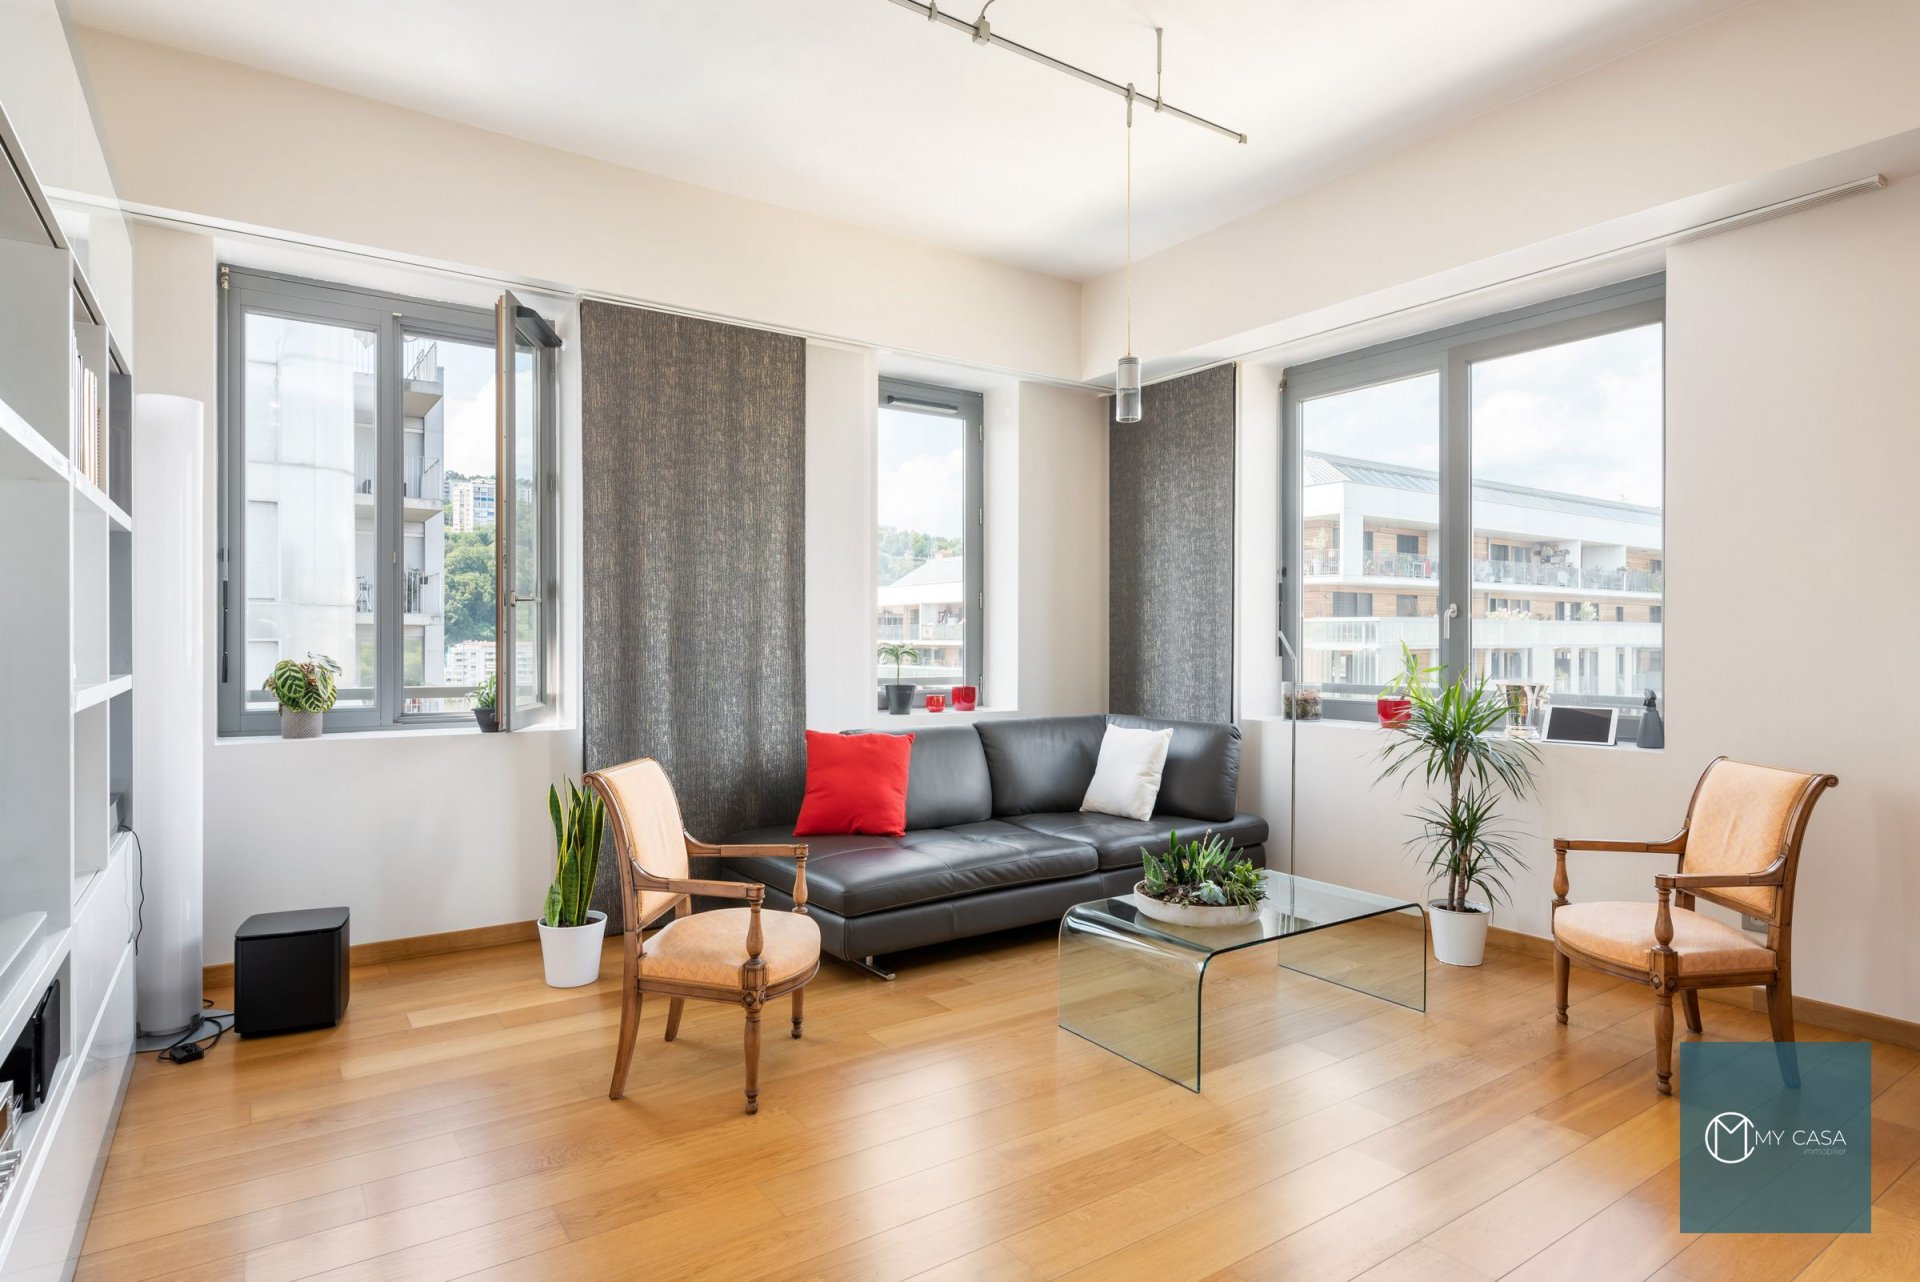 T4 Dernier étage Confluence